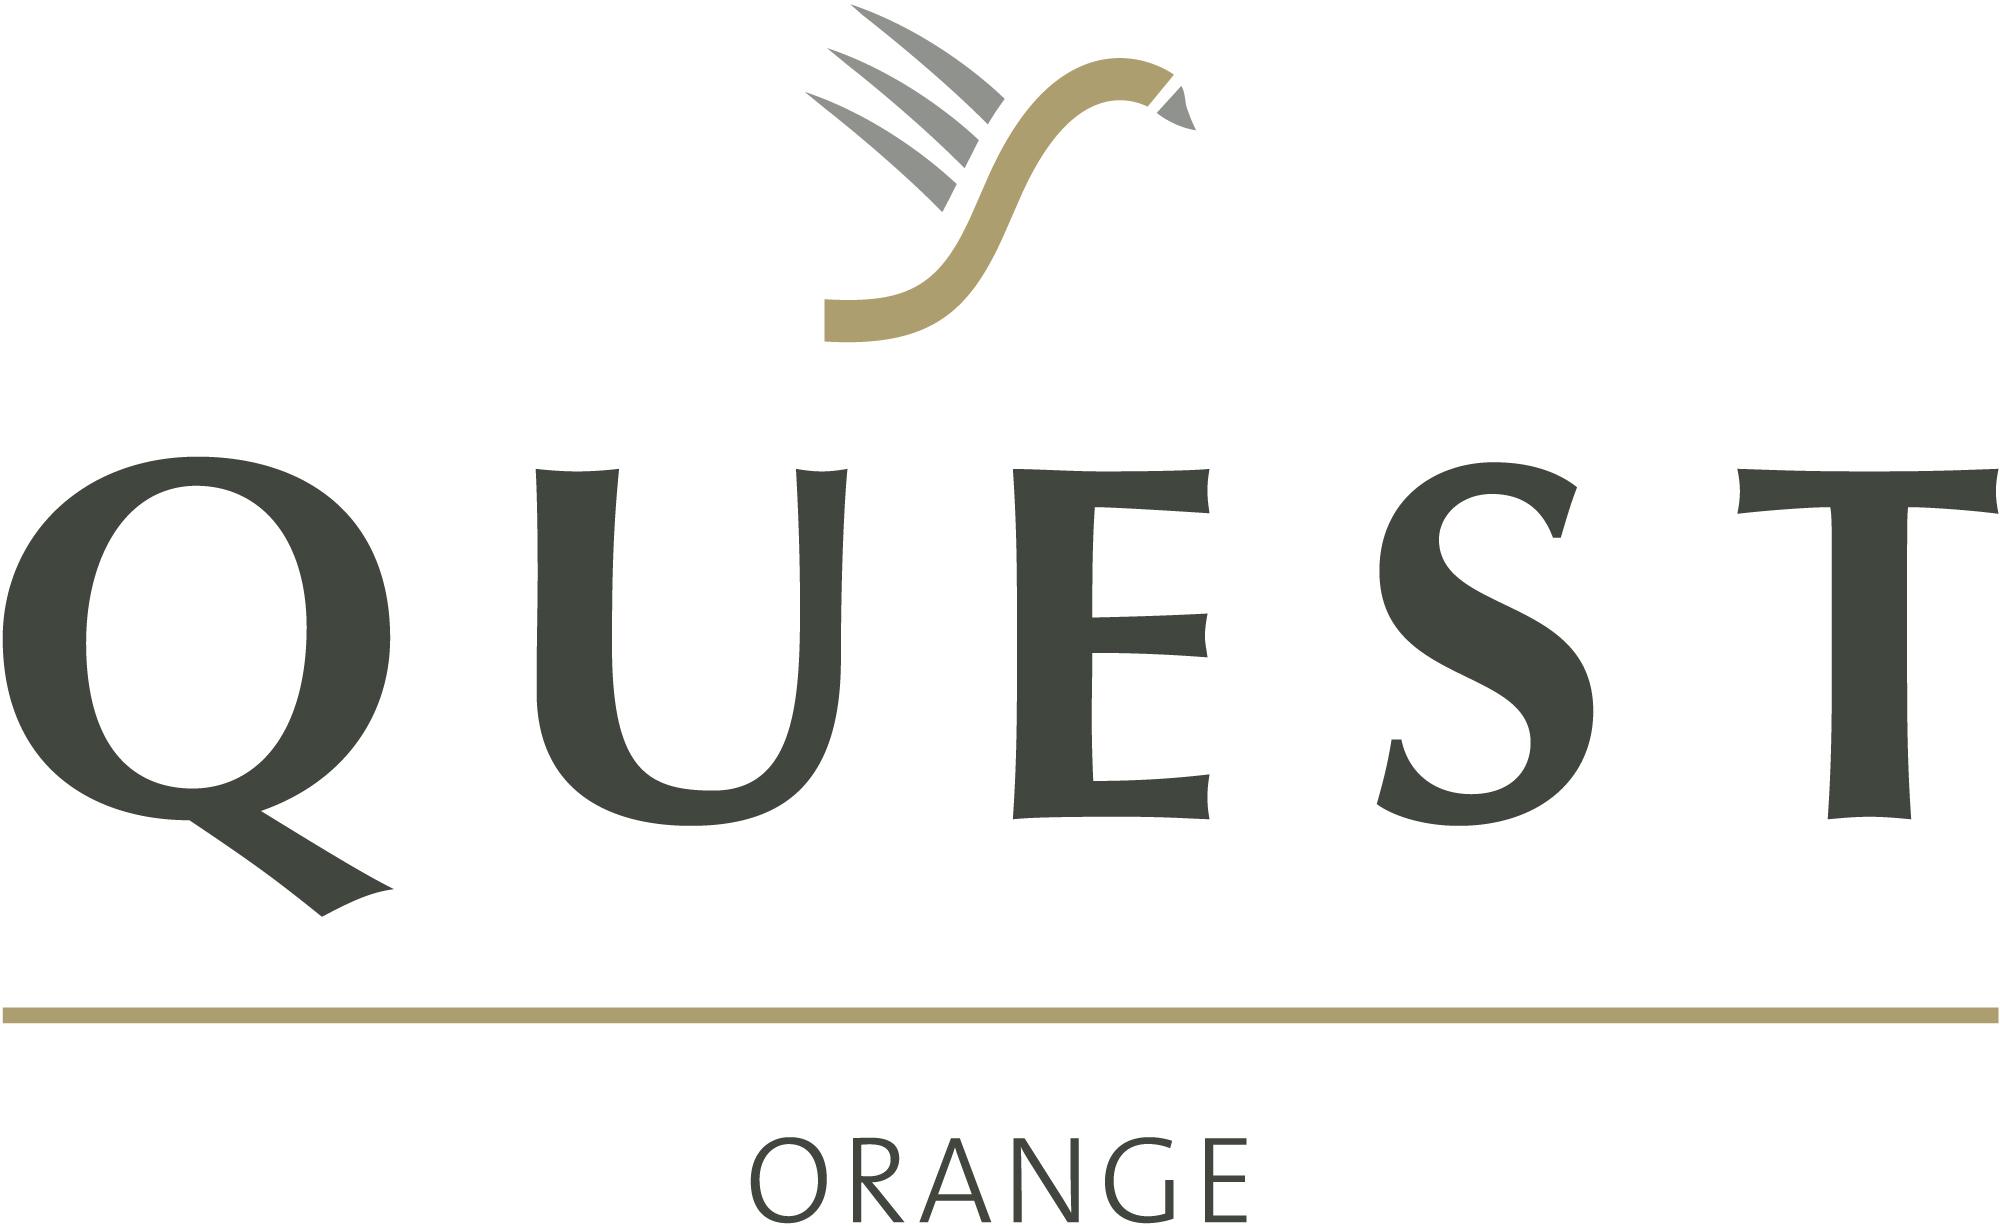 Quest Orange